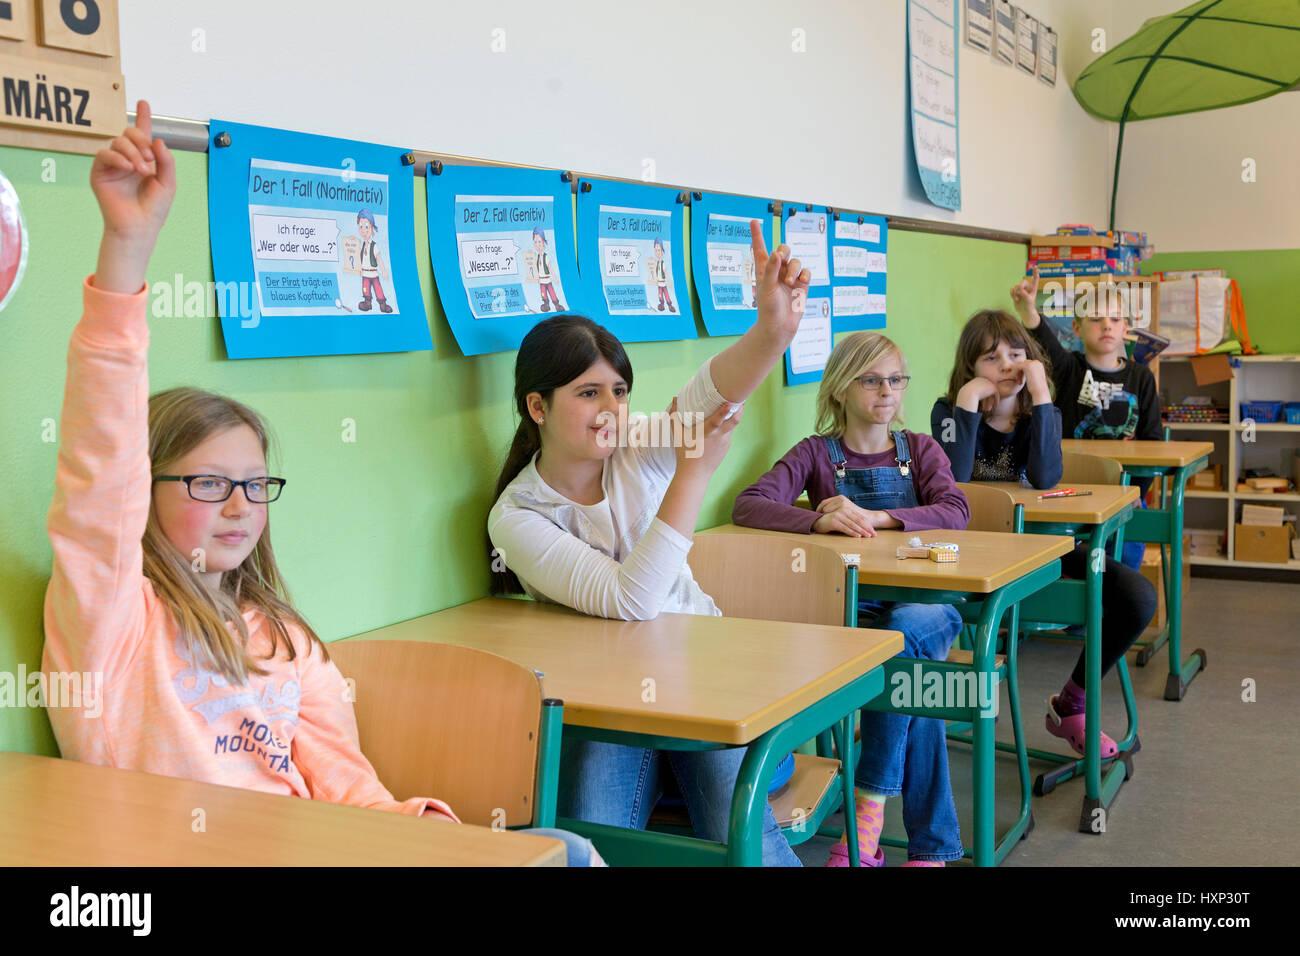 Los niños levantando sus manos en la escuela primaria Imagen De Stock